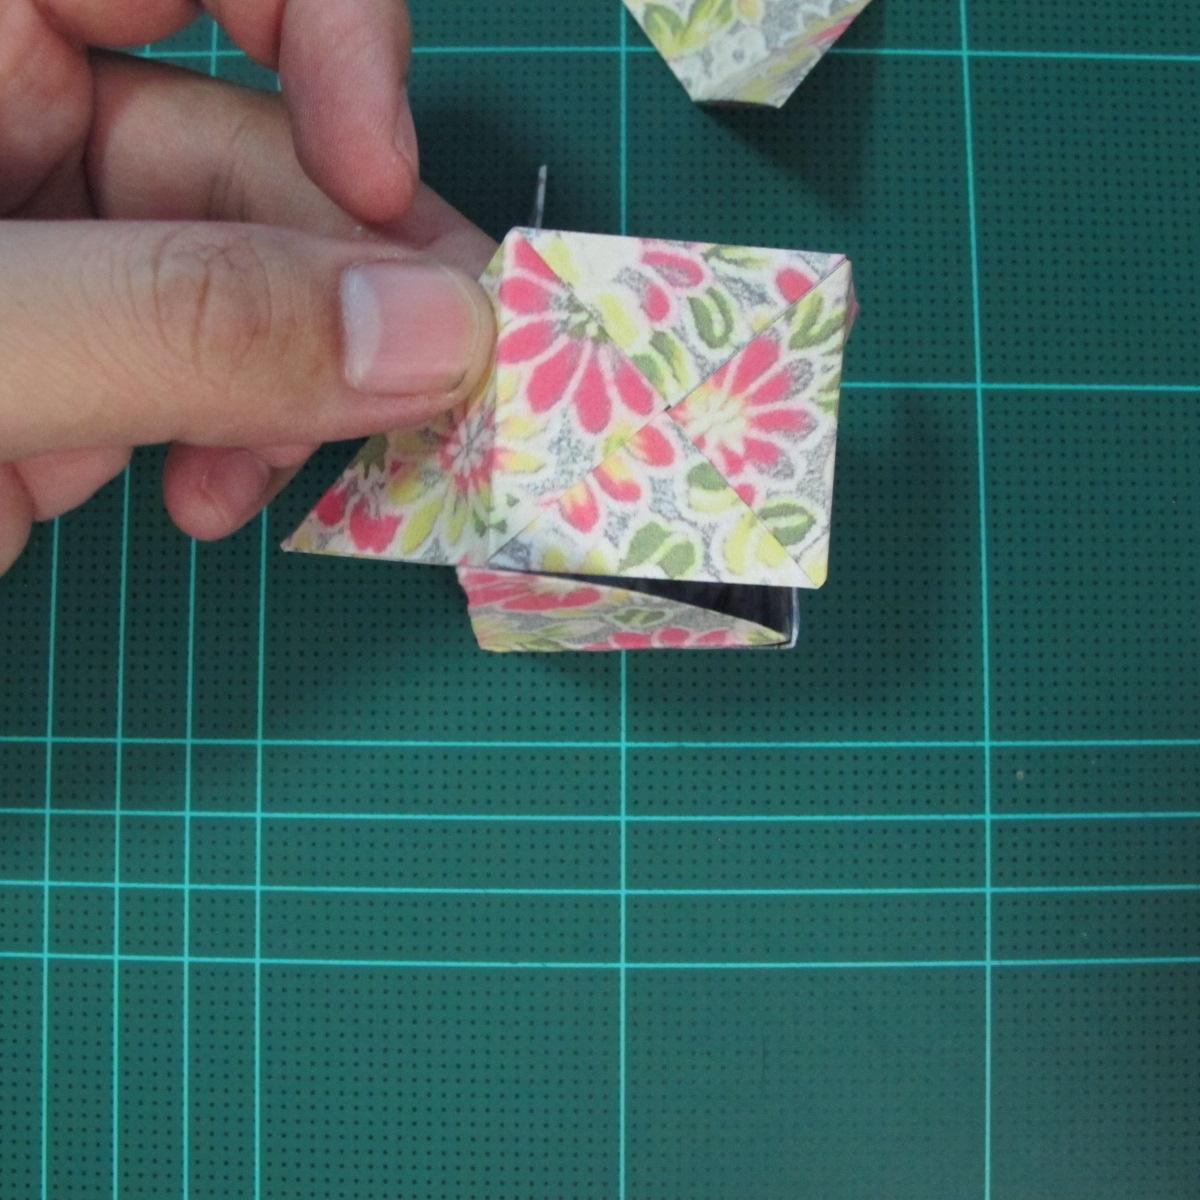 การพับกระดาษเป็นรูปเรขาคณิตทรงลูกบาศก์แบบแยกชิ้นประกอบ (Modular Origami Cube) 029